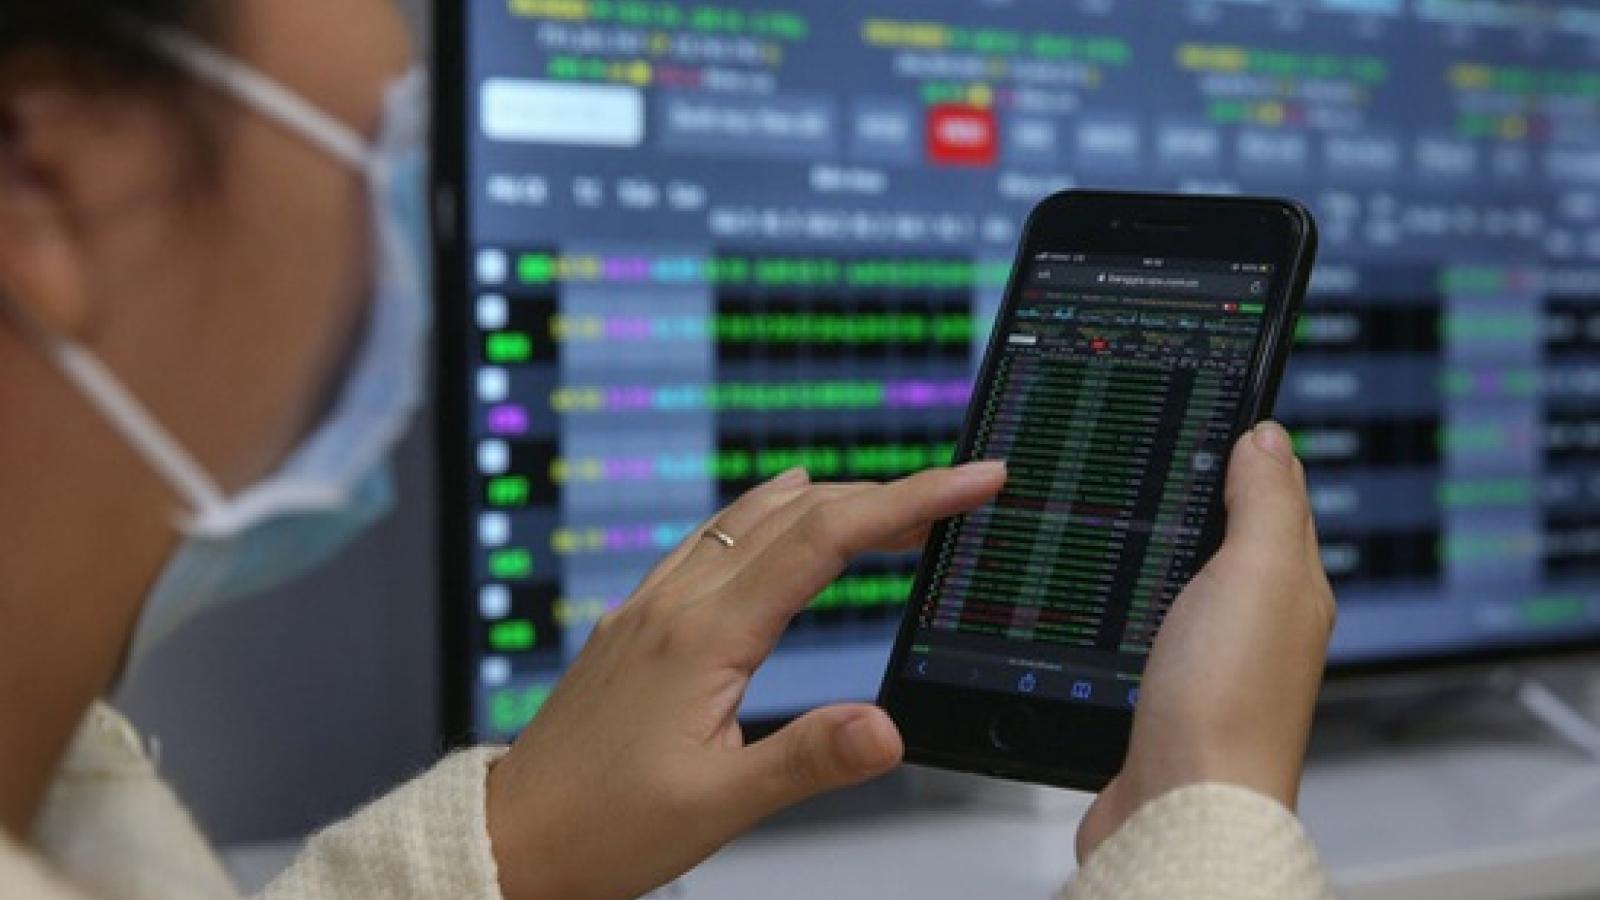 Nhiều cổ phiếu vốn hóa nhỏ vẫn đang có sức hút mãnh liệt